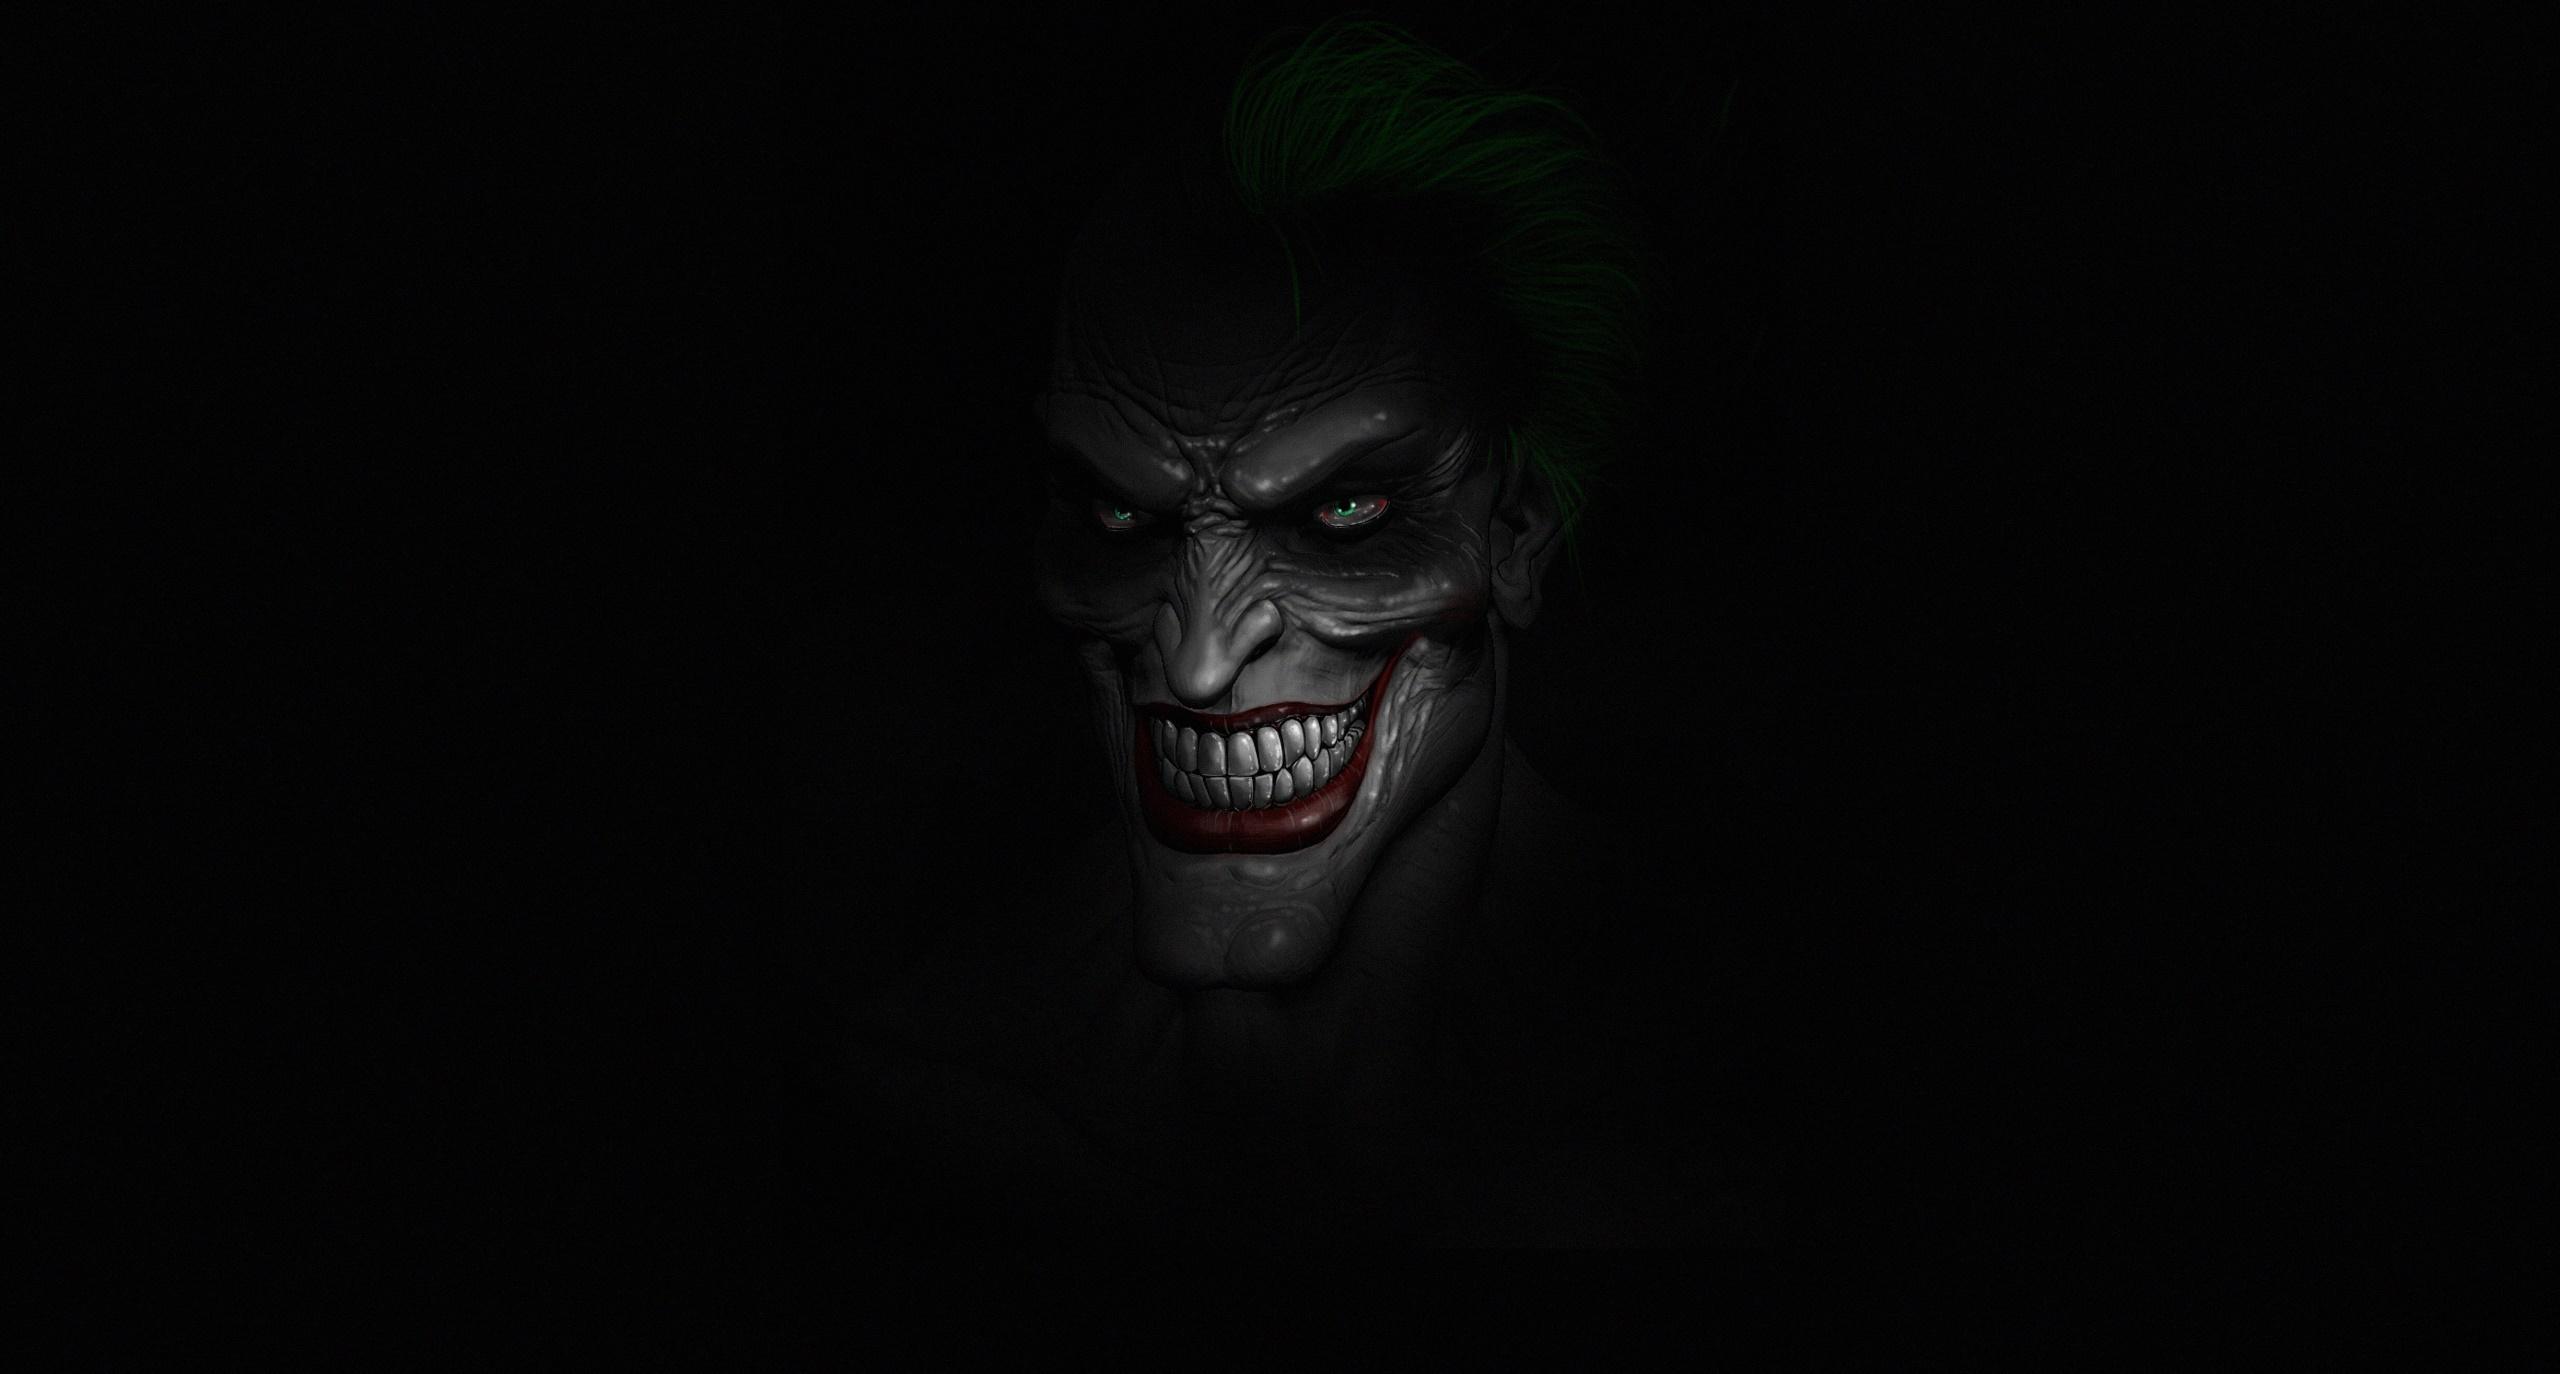 Joker Dark Minimalist Hd Superheroes 4k Wallpapers Images